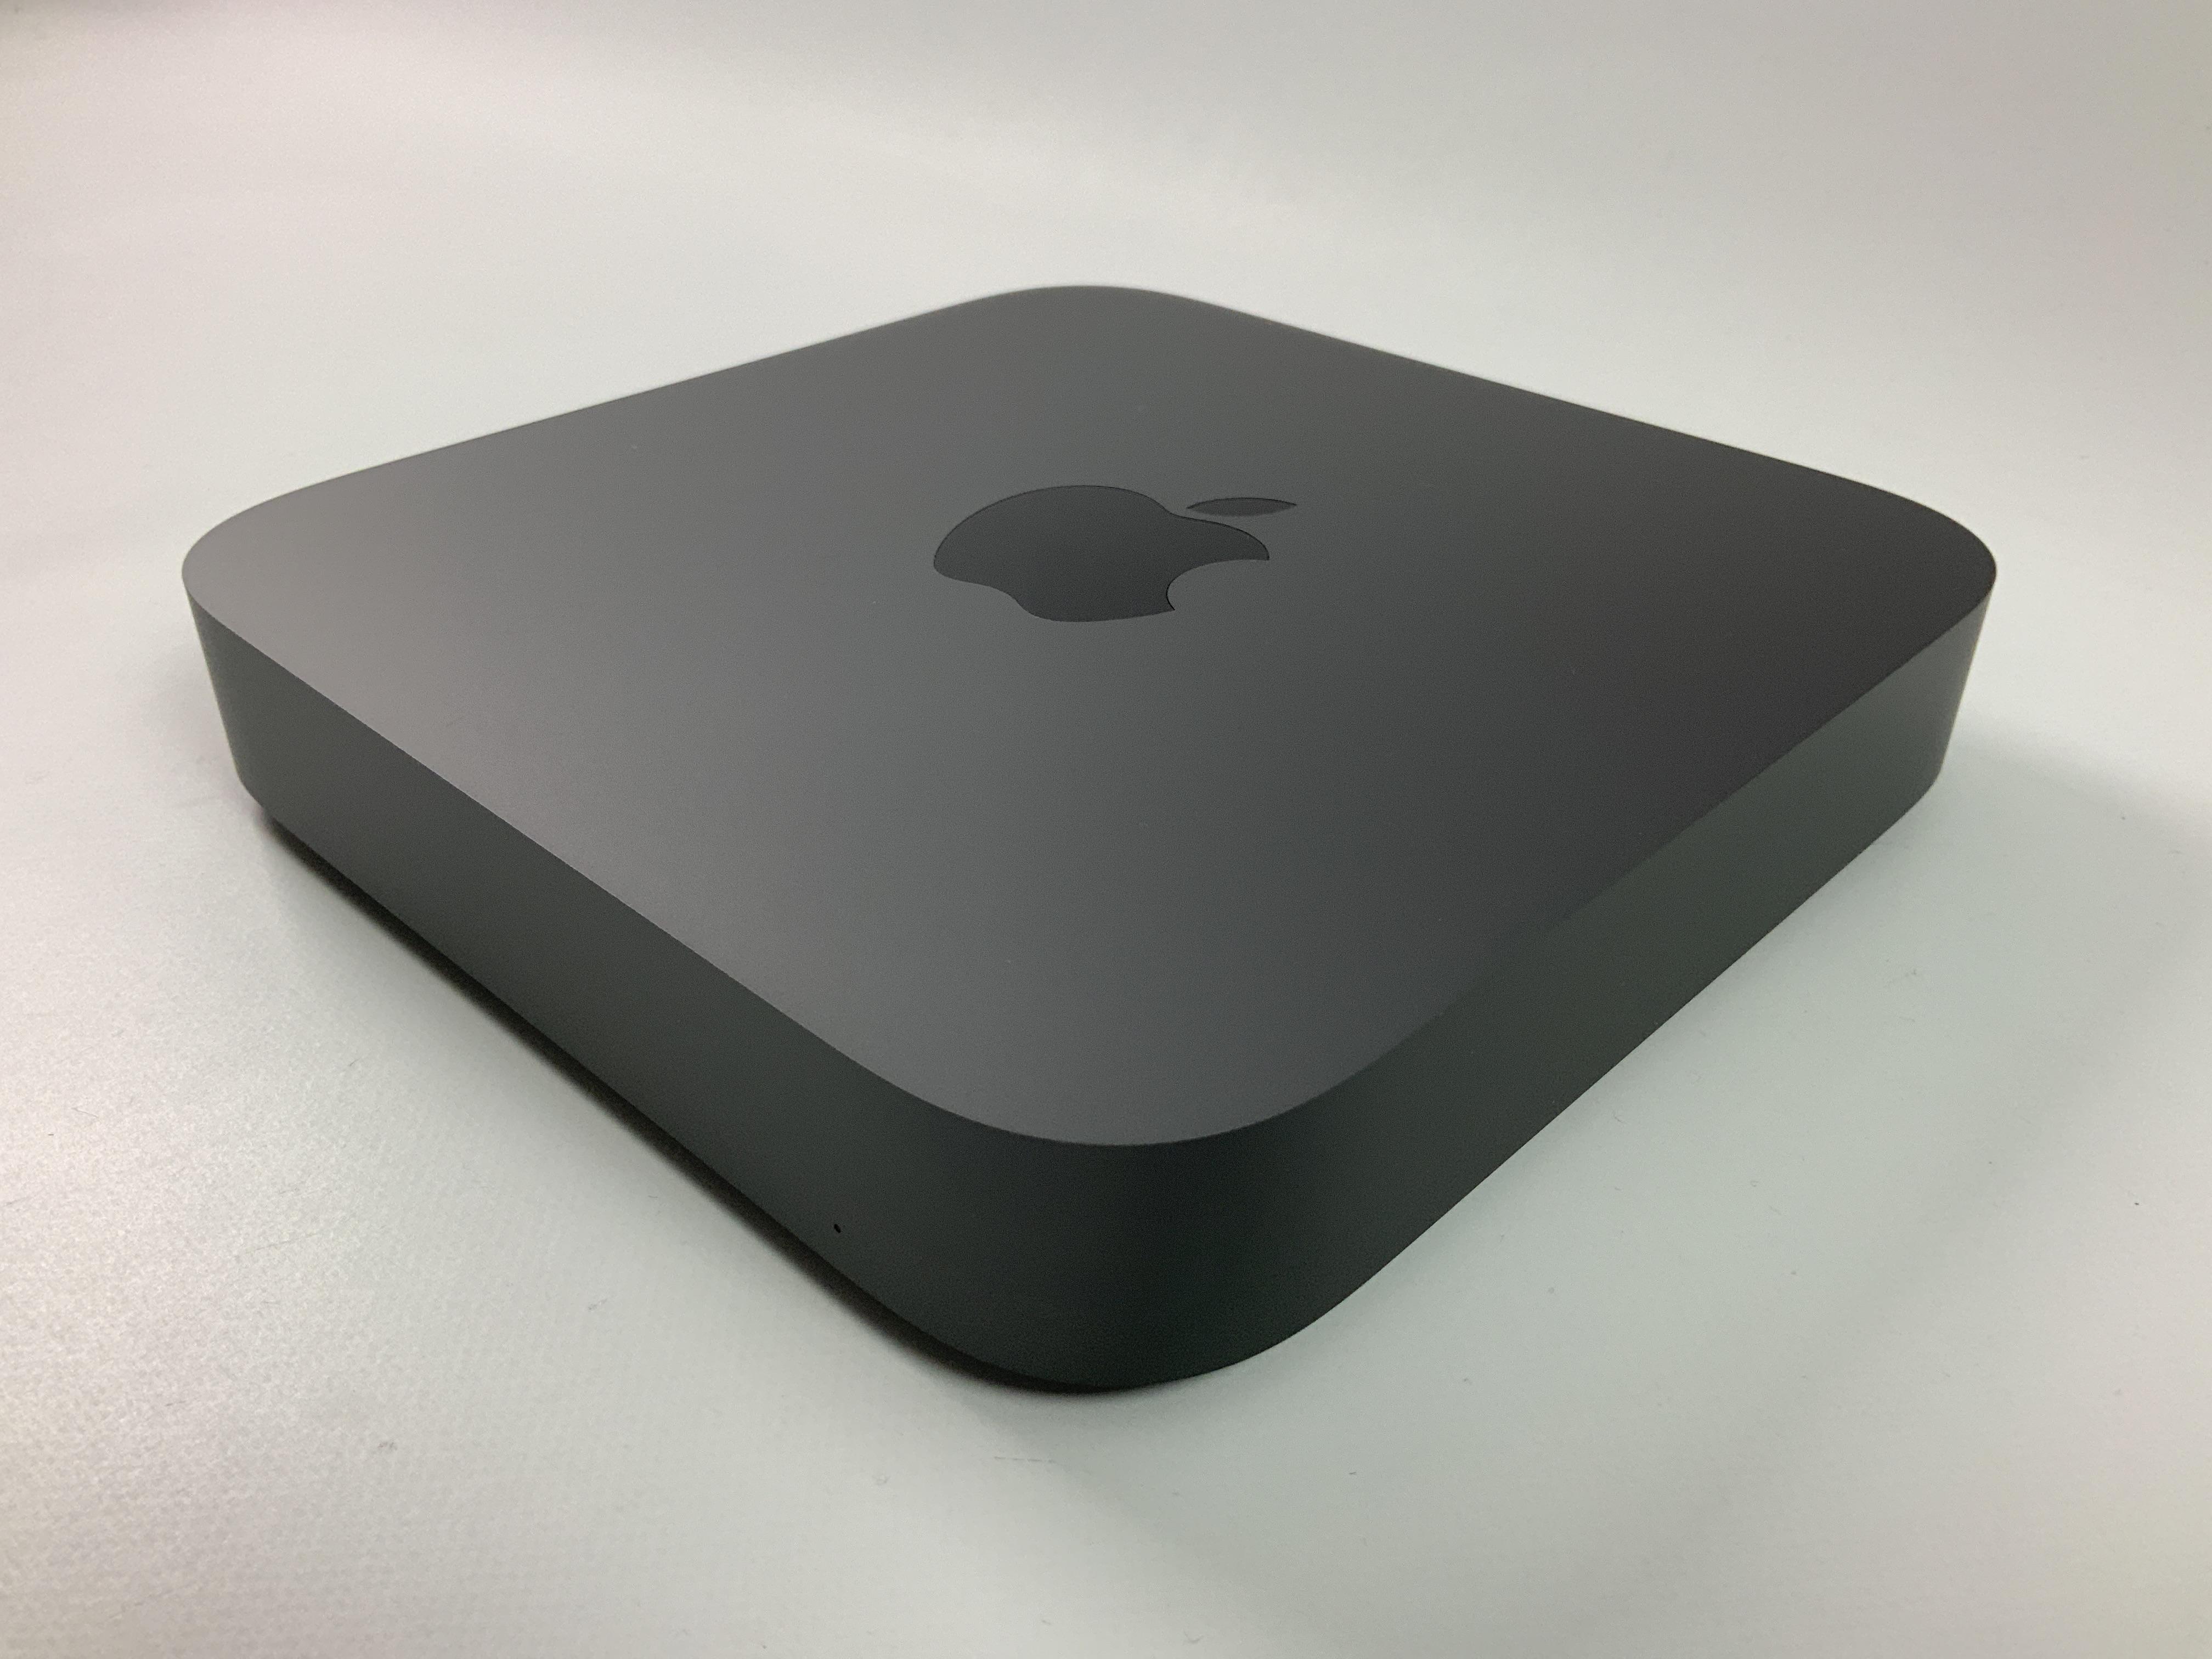 Mac Mini Early 2020 (Intel 6-Core i5 3.0 GHz 32 GB RAM 512 GB SSD), Intel 6-Core i5 3.0 GHz, 32 GB RAM, 512 GB SSD, Bild 2